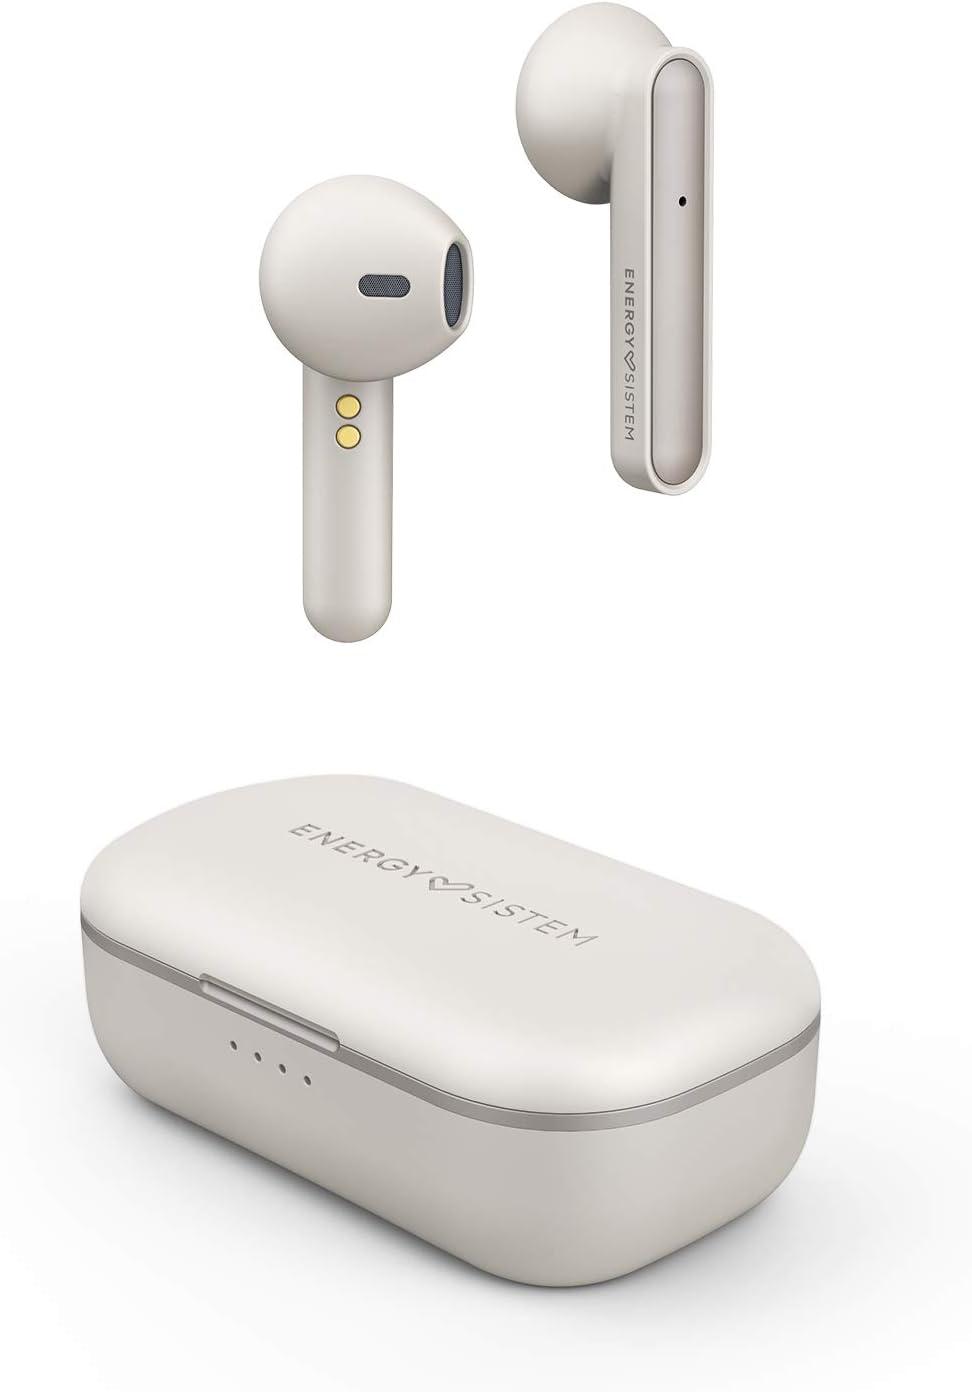 Energy Sistem Style 3 Auriculares inalambricos True Wireless Ivory (20h de autonomía, Estuche de Carga inalámbrica, Llamadas stéreo, micrófono Integrado,conectividad automática, Bluetooth 5.0) Marfil: Amazon.es: Electrónica